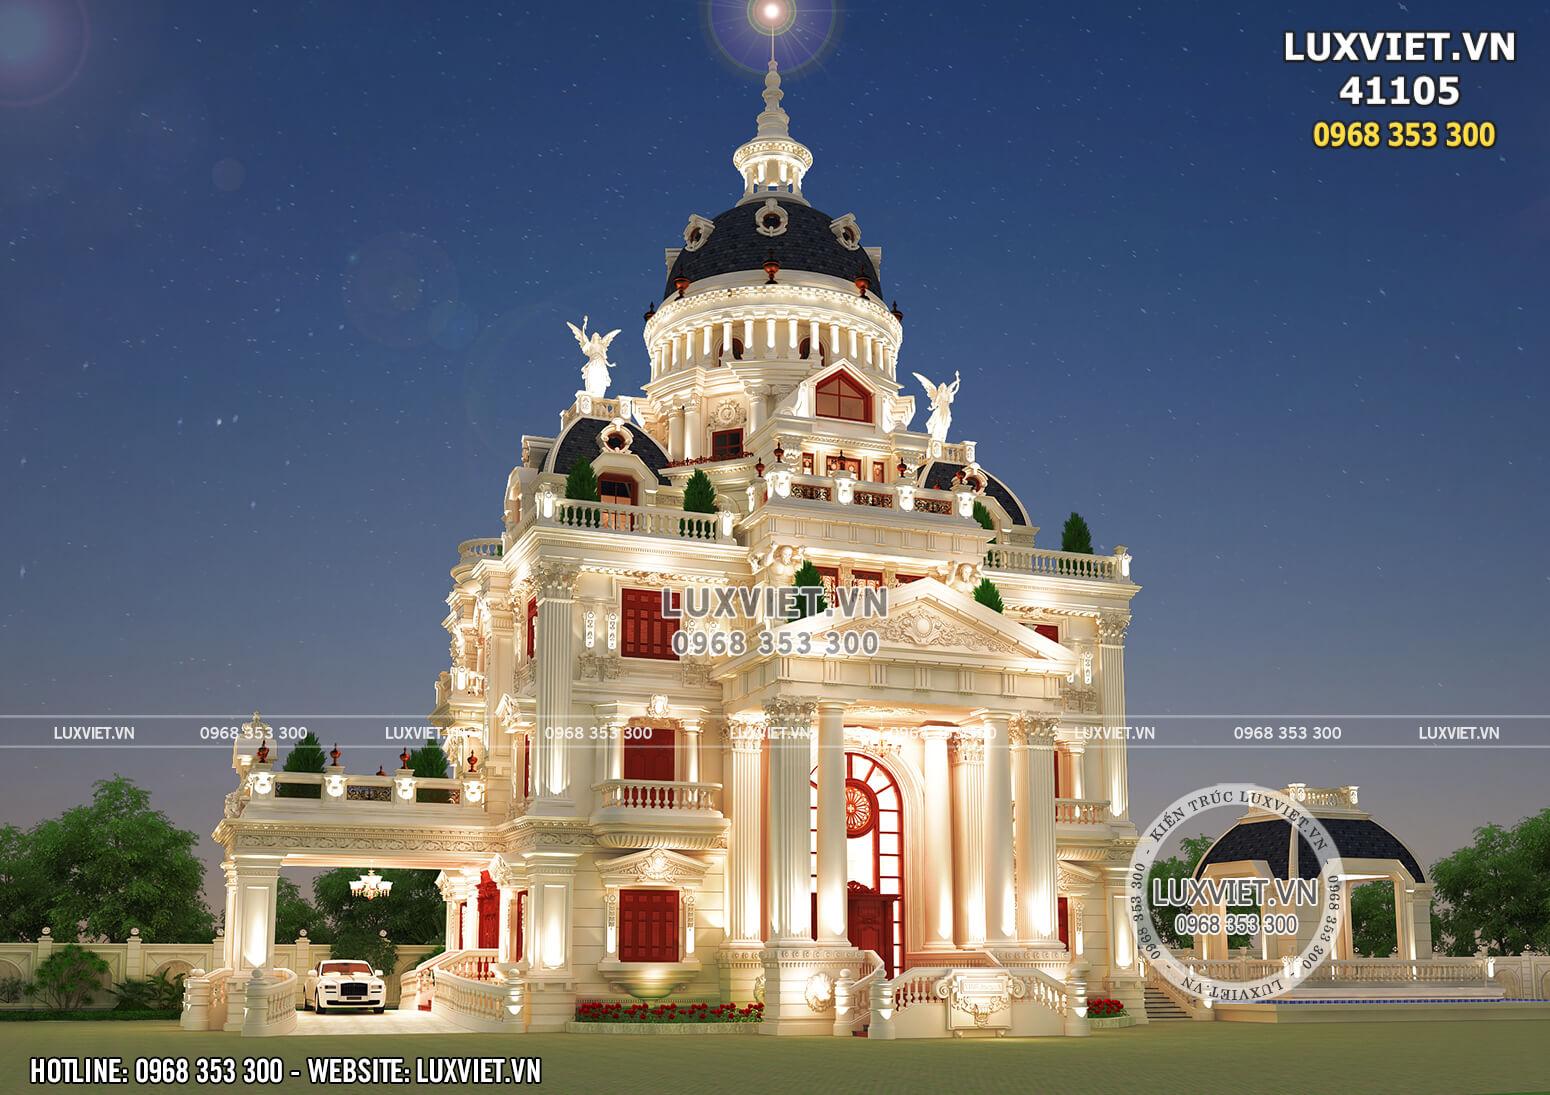 Hình ảnh: Mẫu thiết kế lâu đài 4 tầng đẹp hoàn mỹ - LV 41105